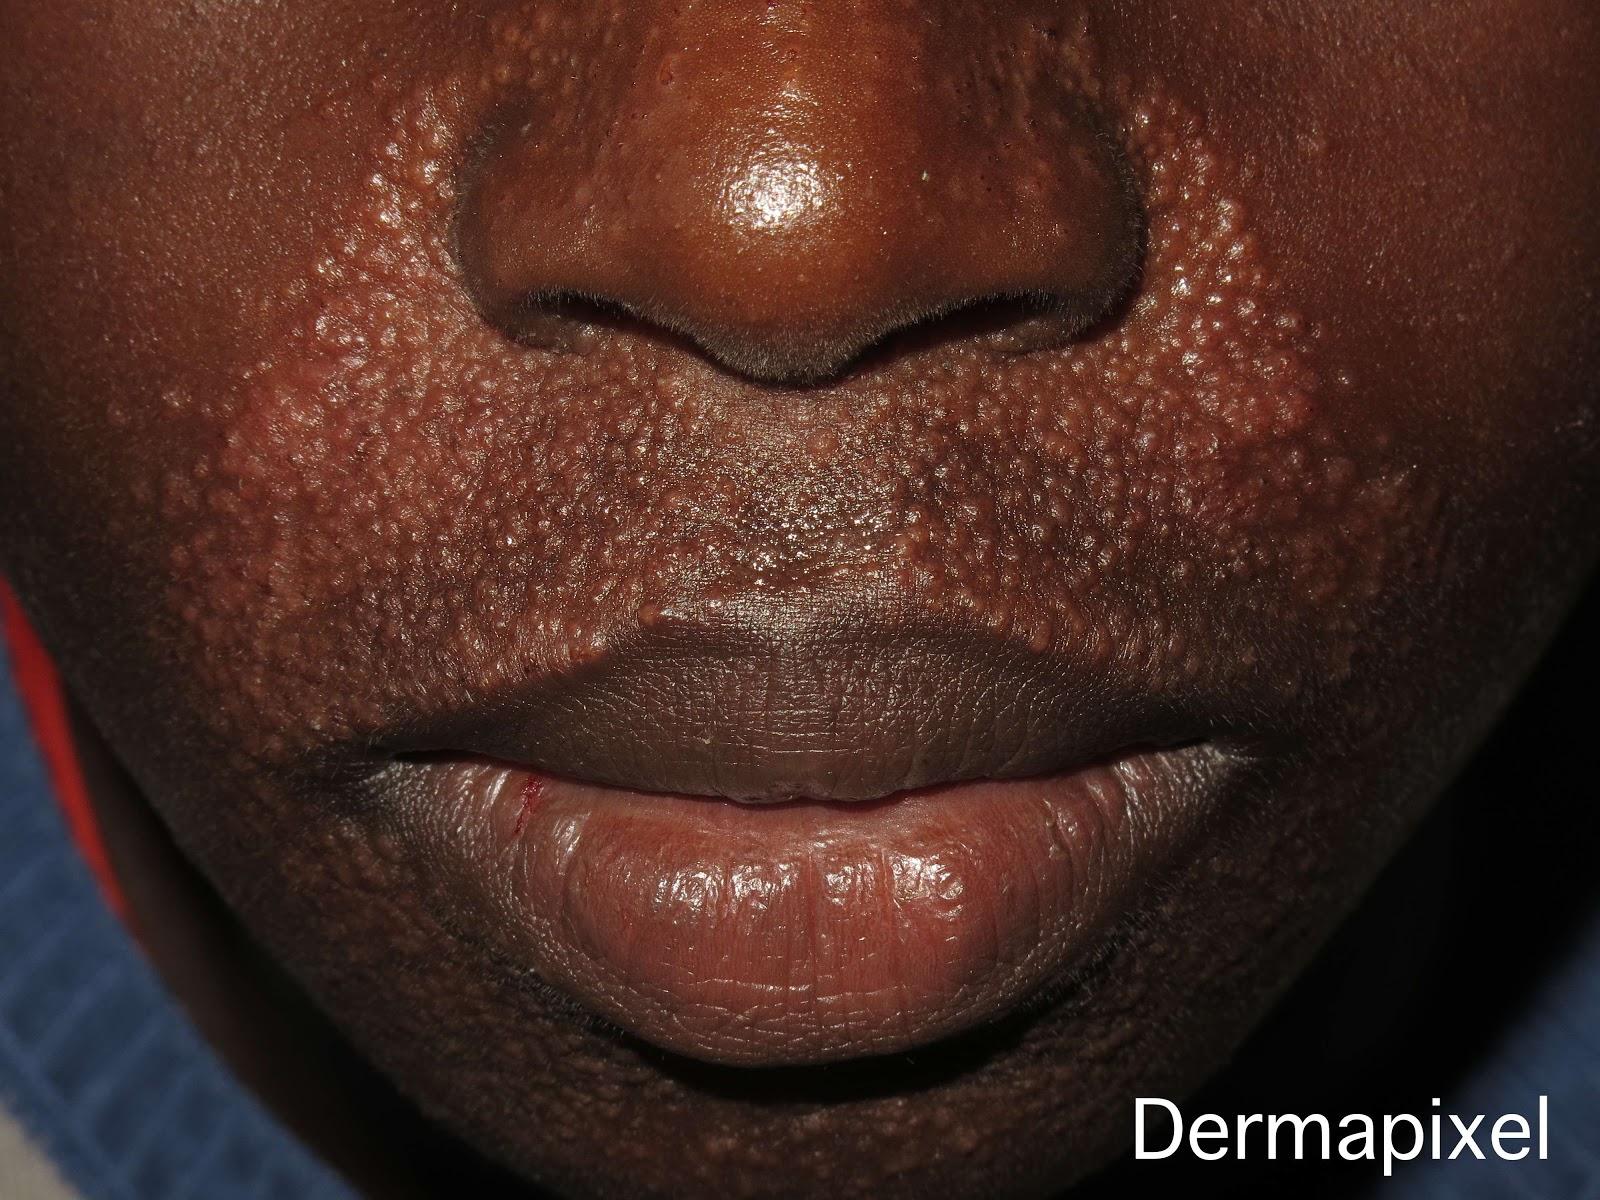 Un acné muy extraño